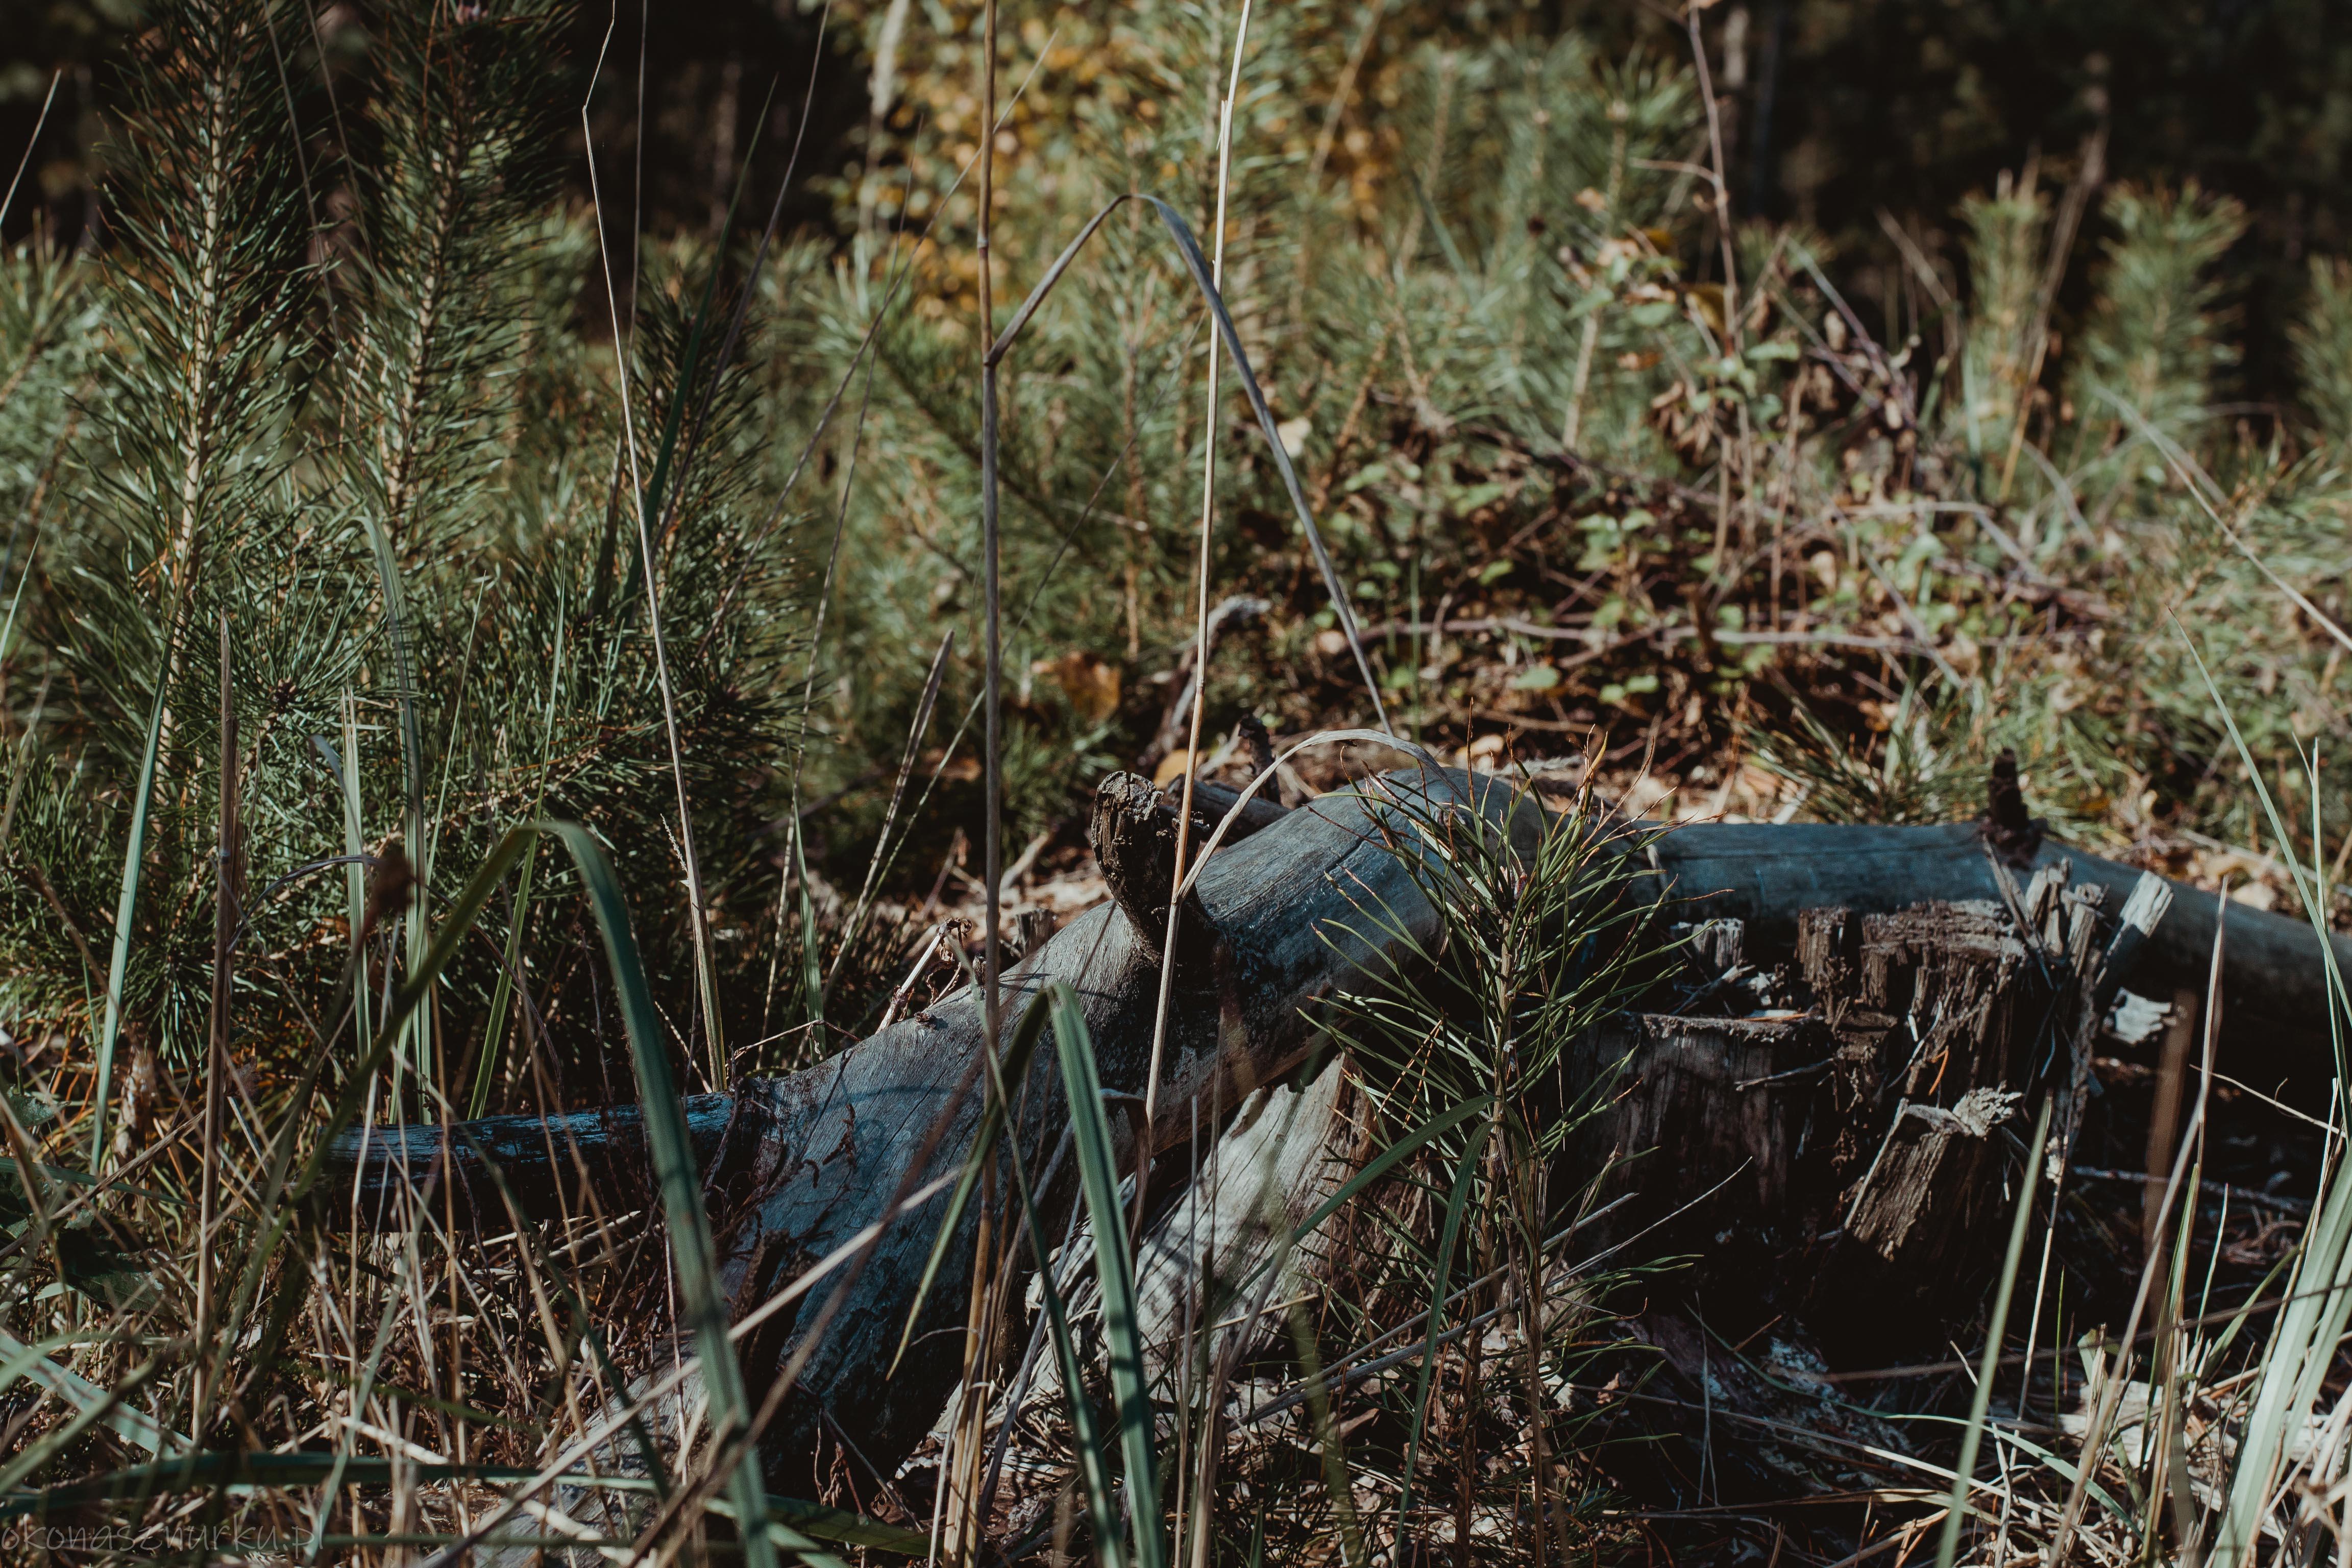 grzybobranie-okonasznurku (30)